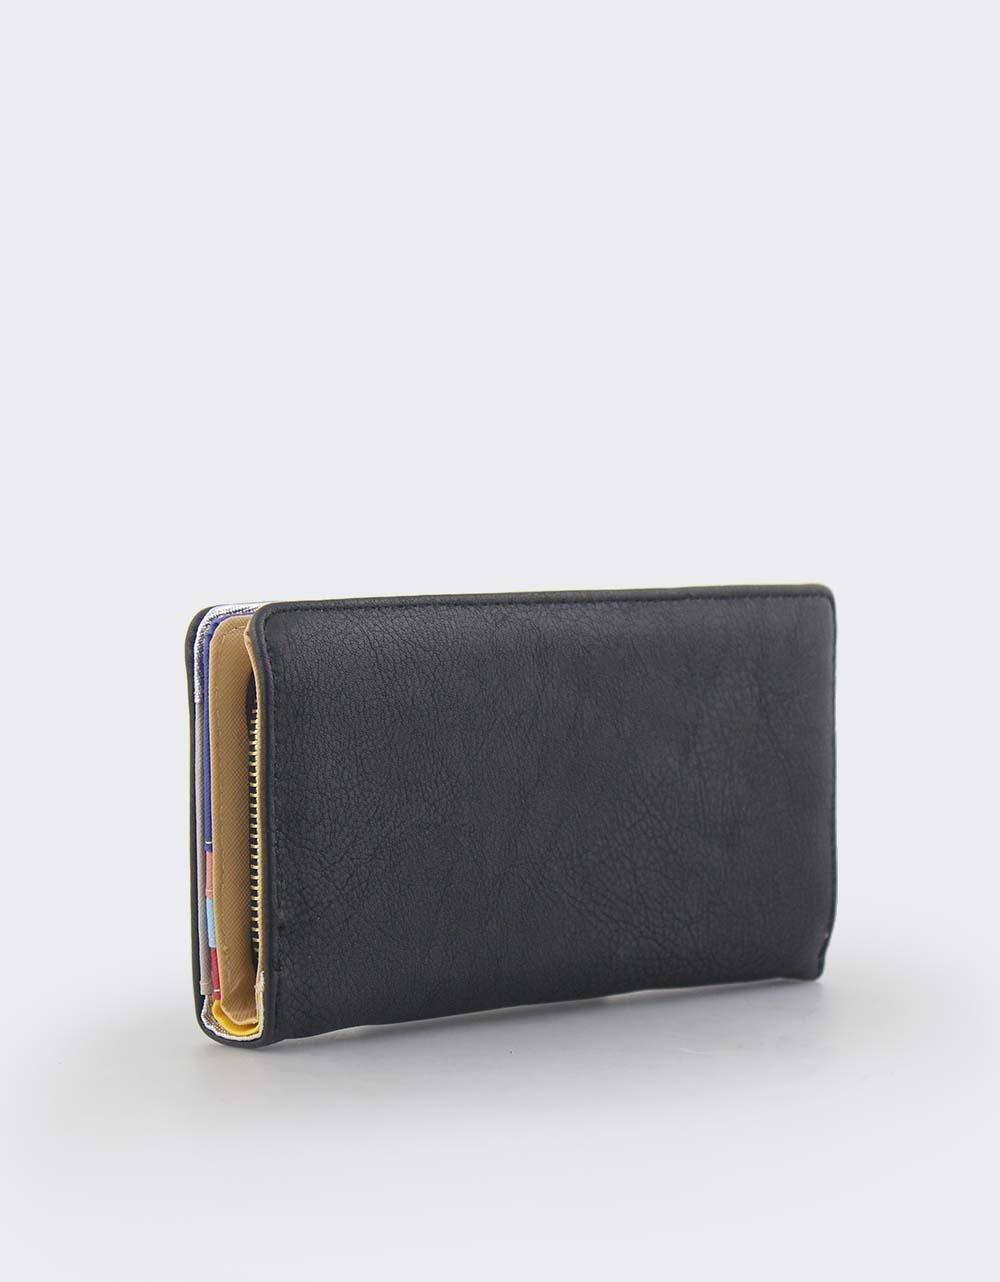 Εικόνα από Γυναικεία πορτοφόλια με εξωτερική θήκη Μαύρο